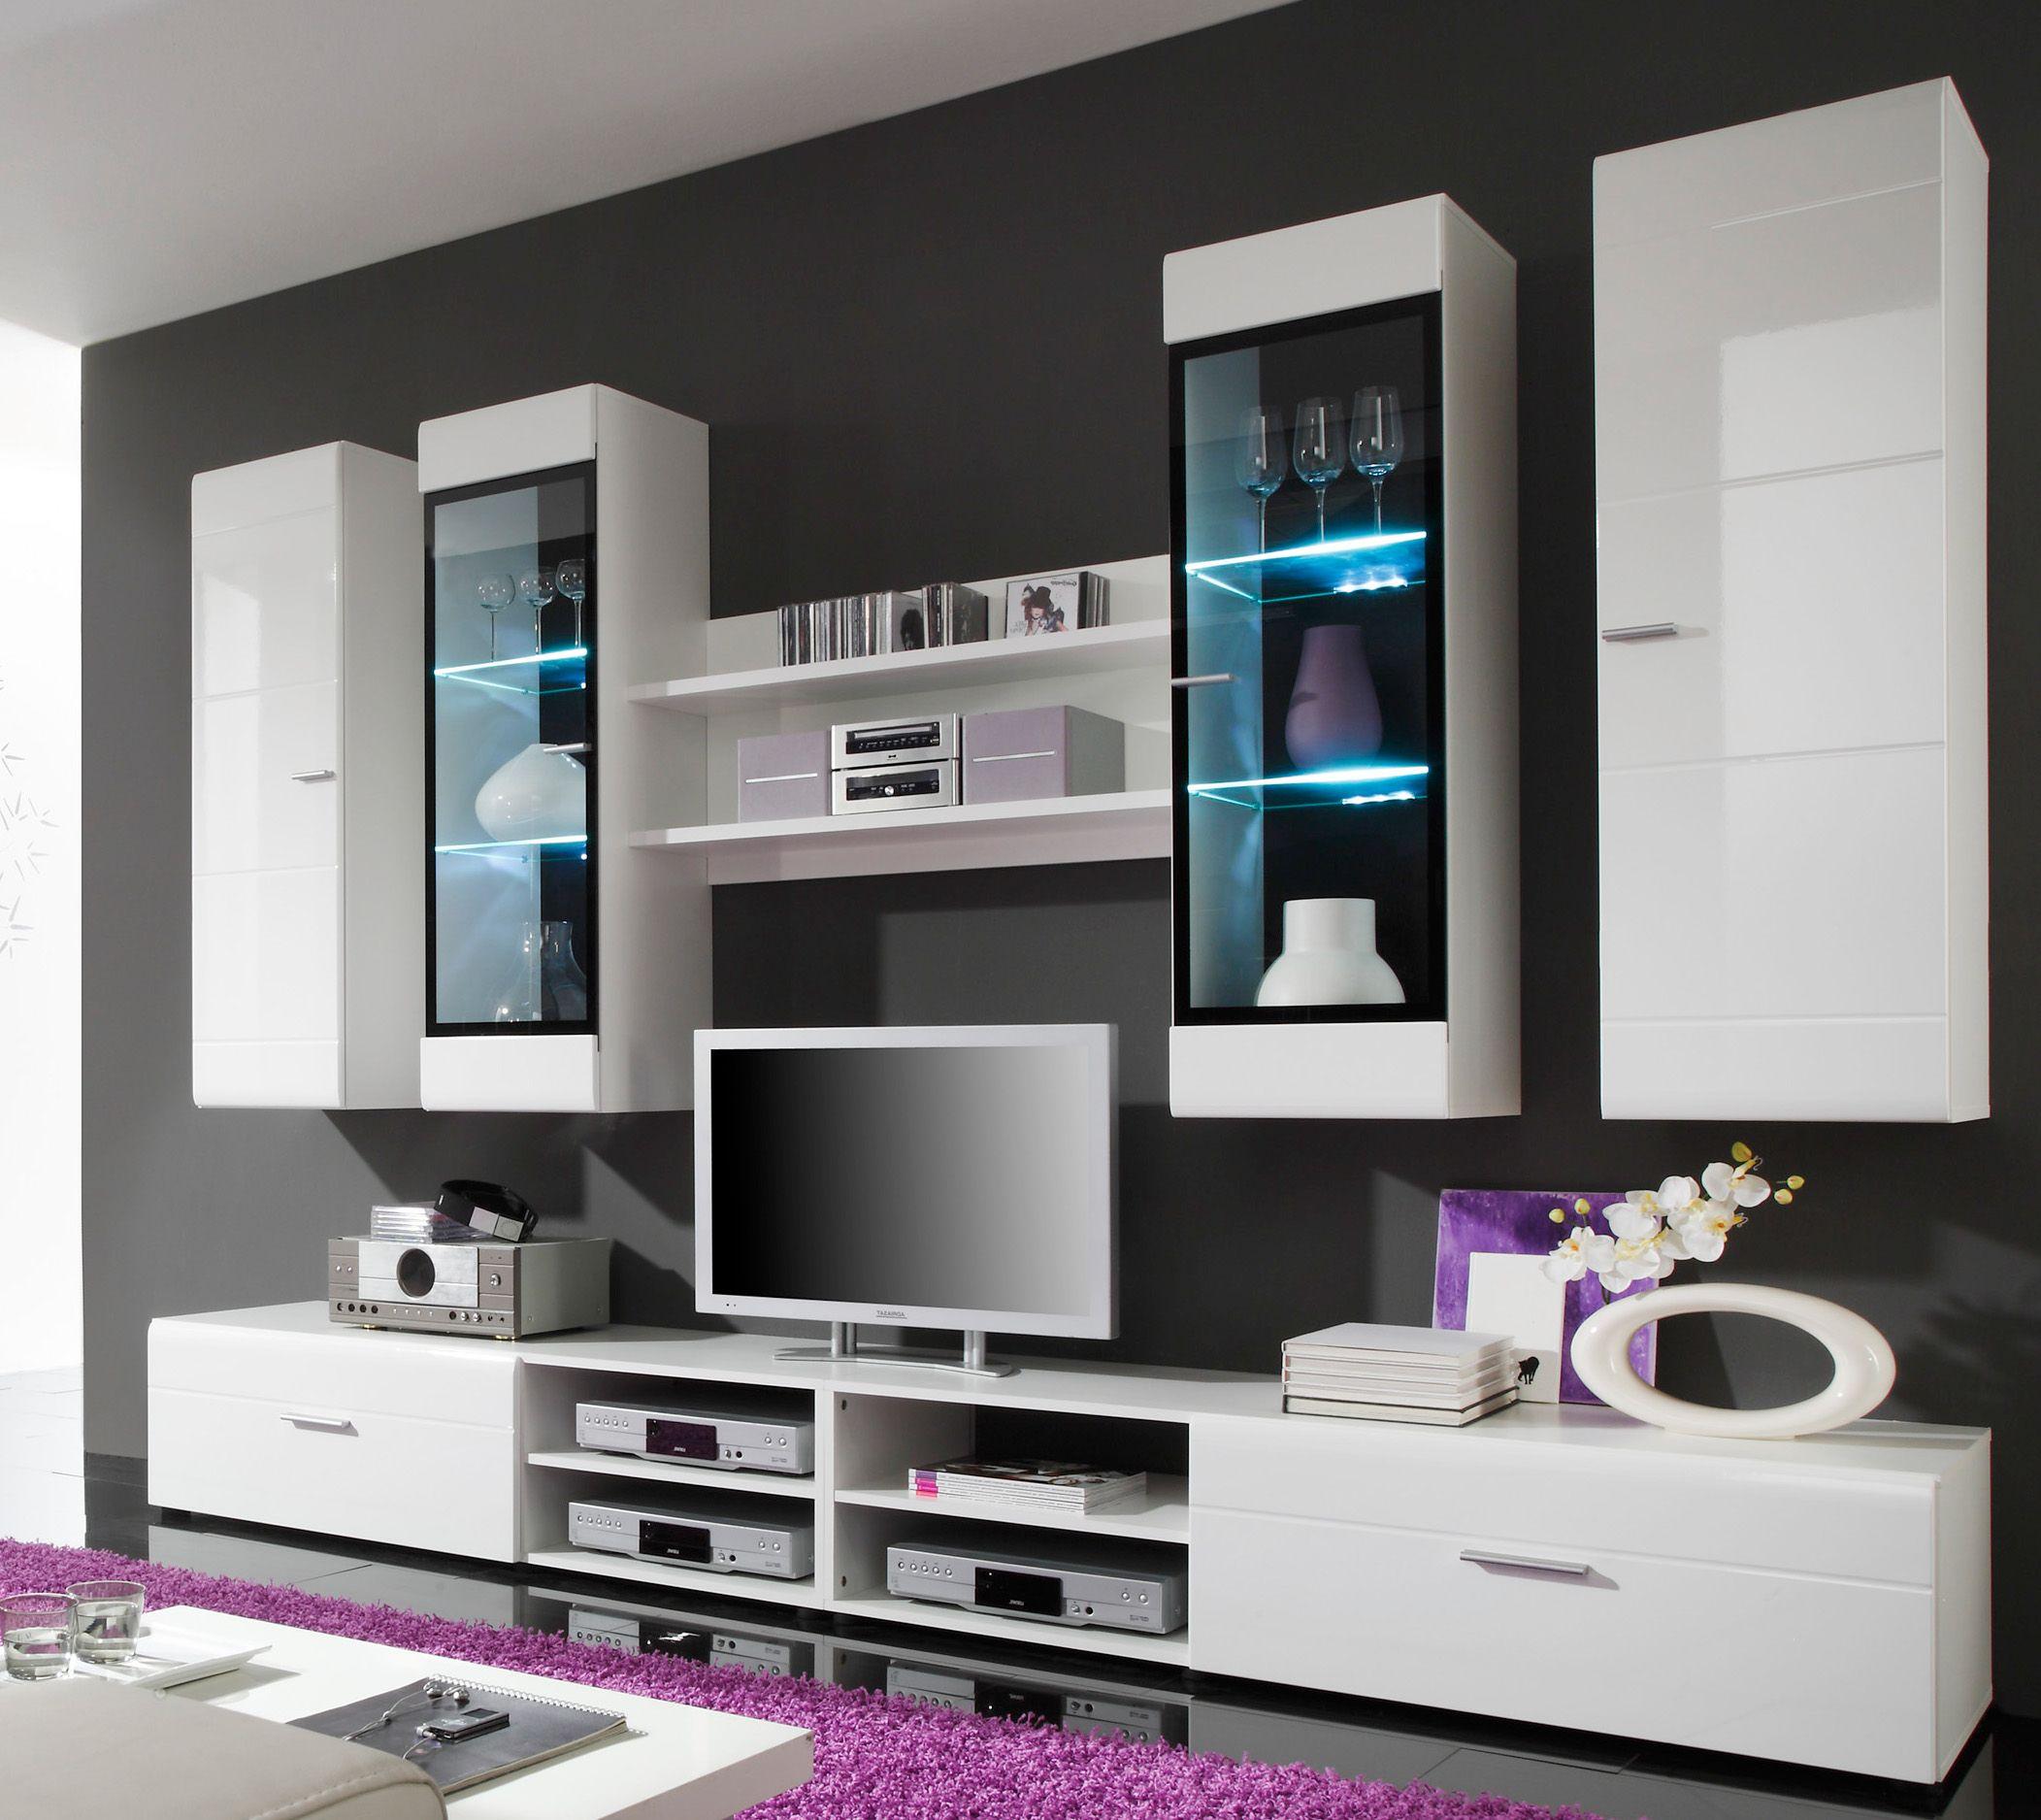 Wohnwand hängend modern schwarz  Best 25+ Wohnwand weiß hochglanz ideas on Pinterest | Wohnwand ...